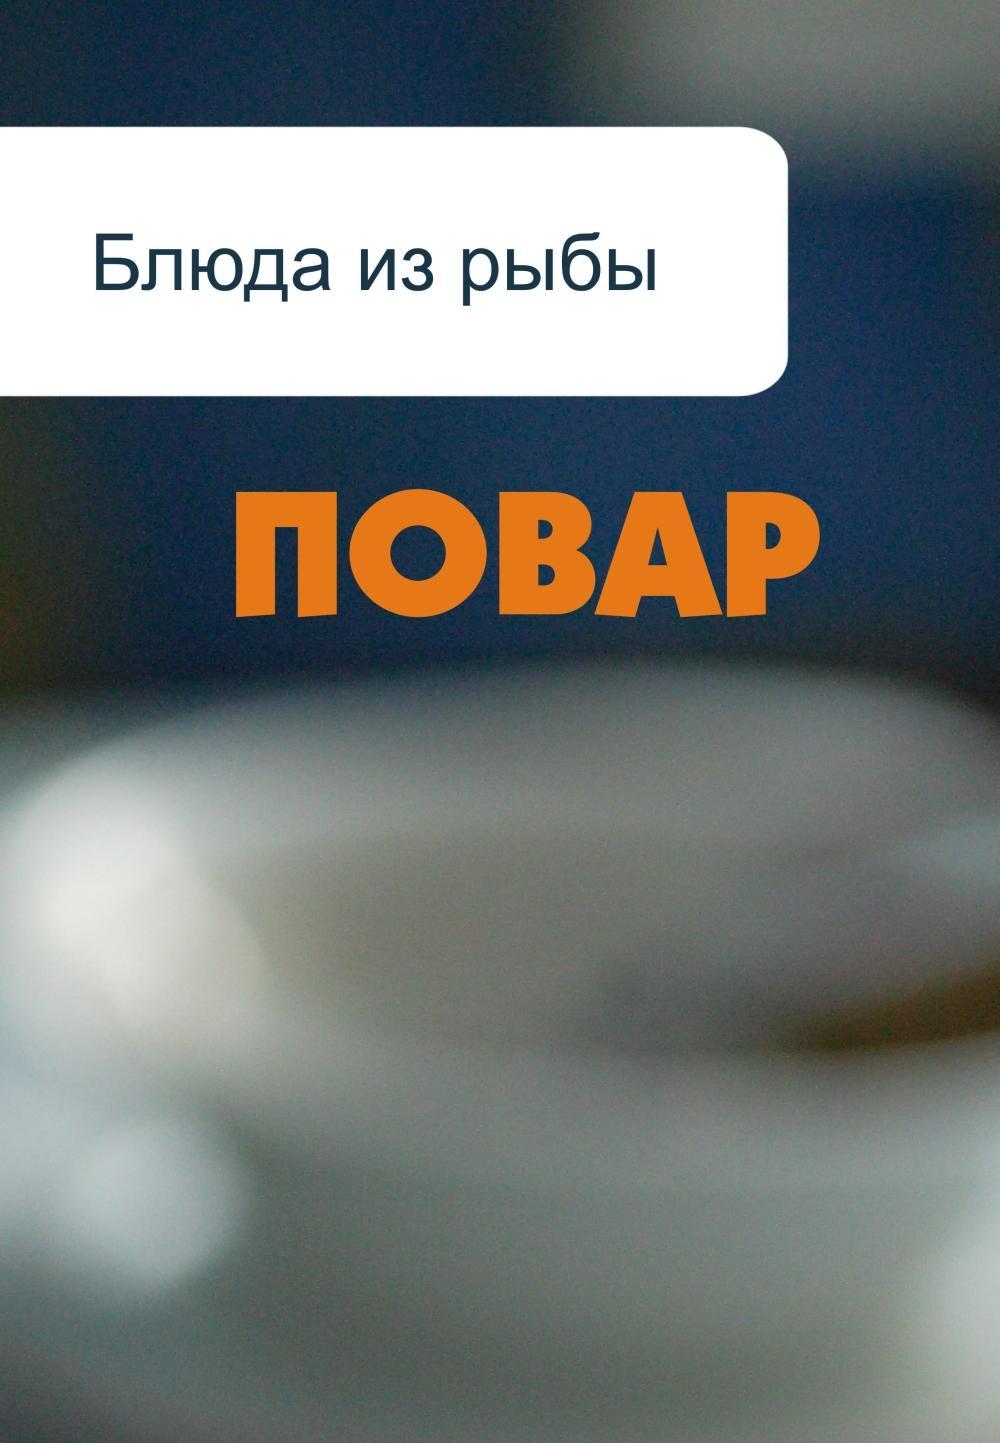 Илья Мельников Блюда из рыбы илья мельников сладкие блюда